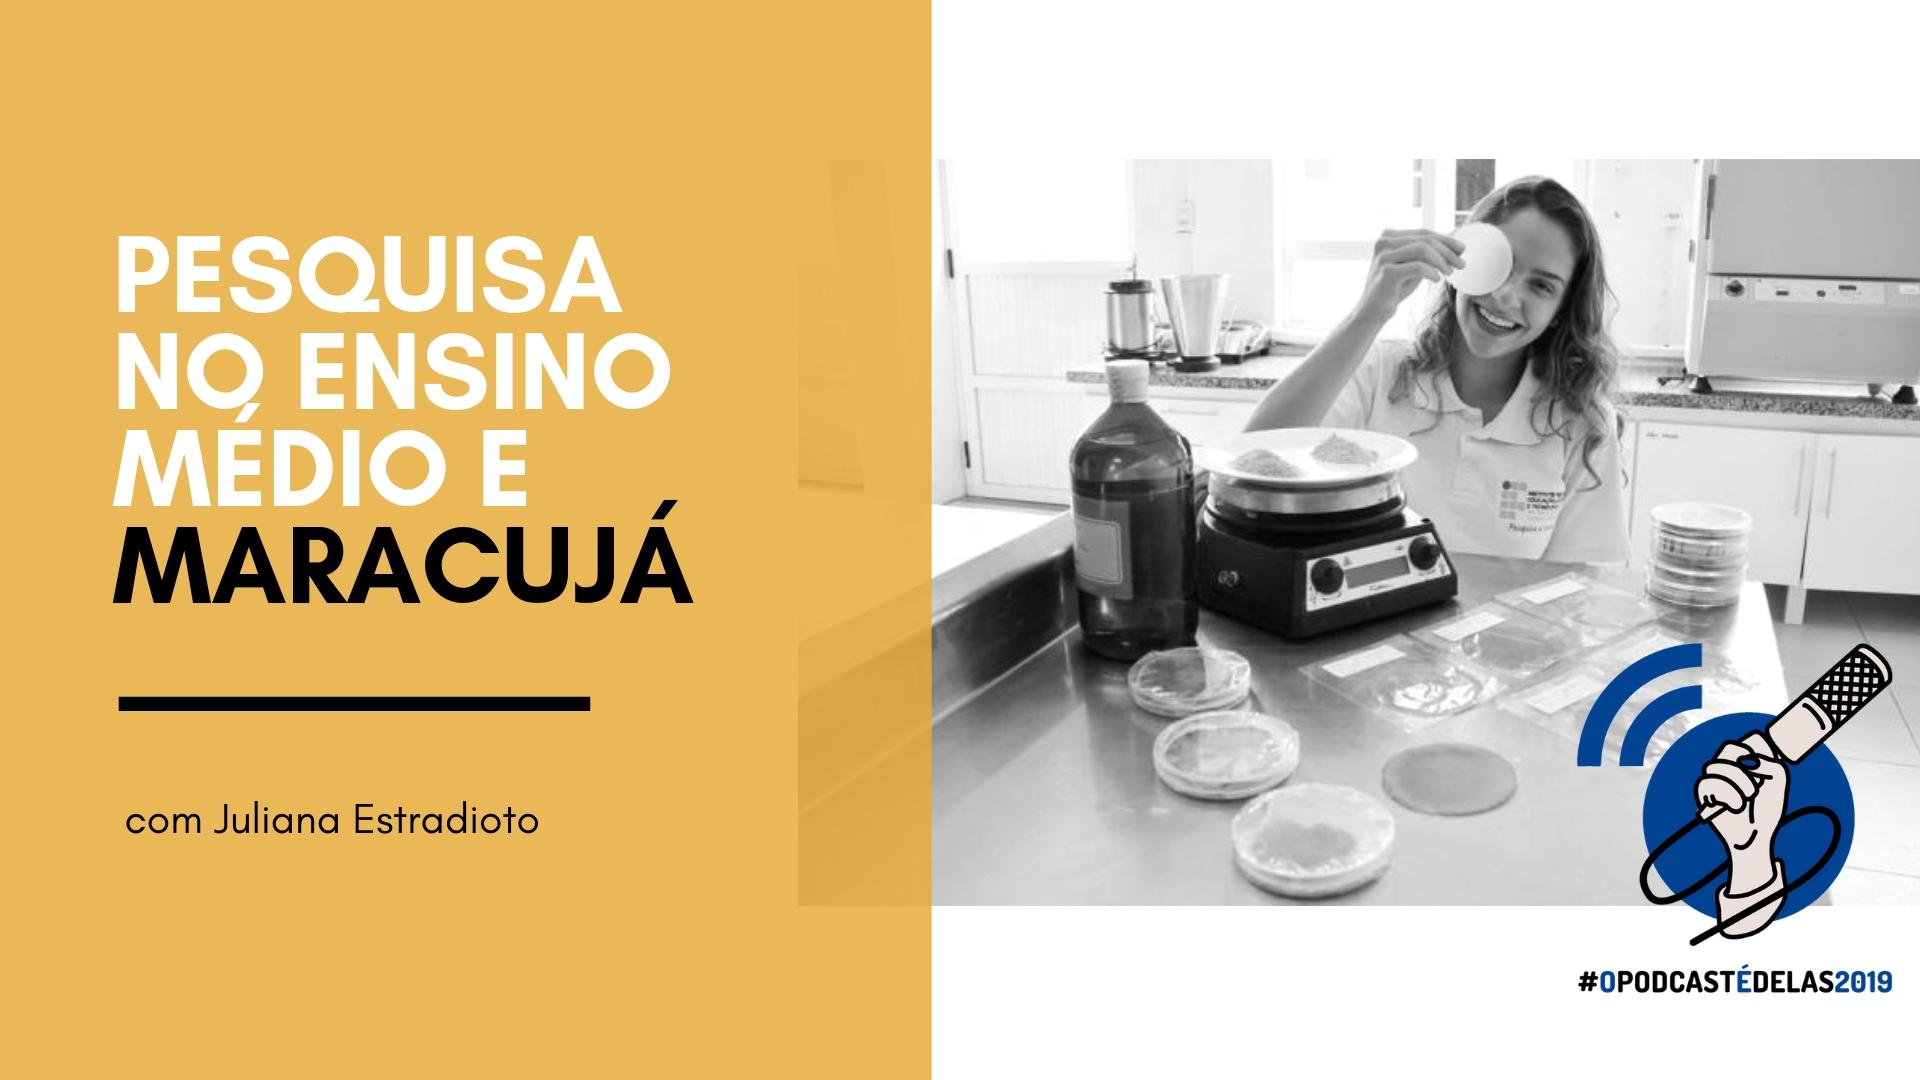 Sobre Pesquisa no Ensino Médio e Maracujá #OPodcastÉDelas2019